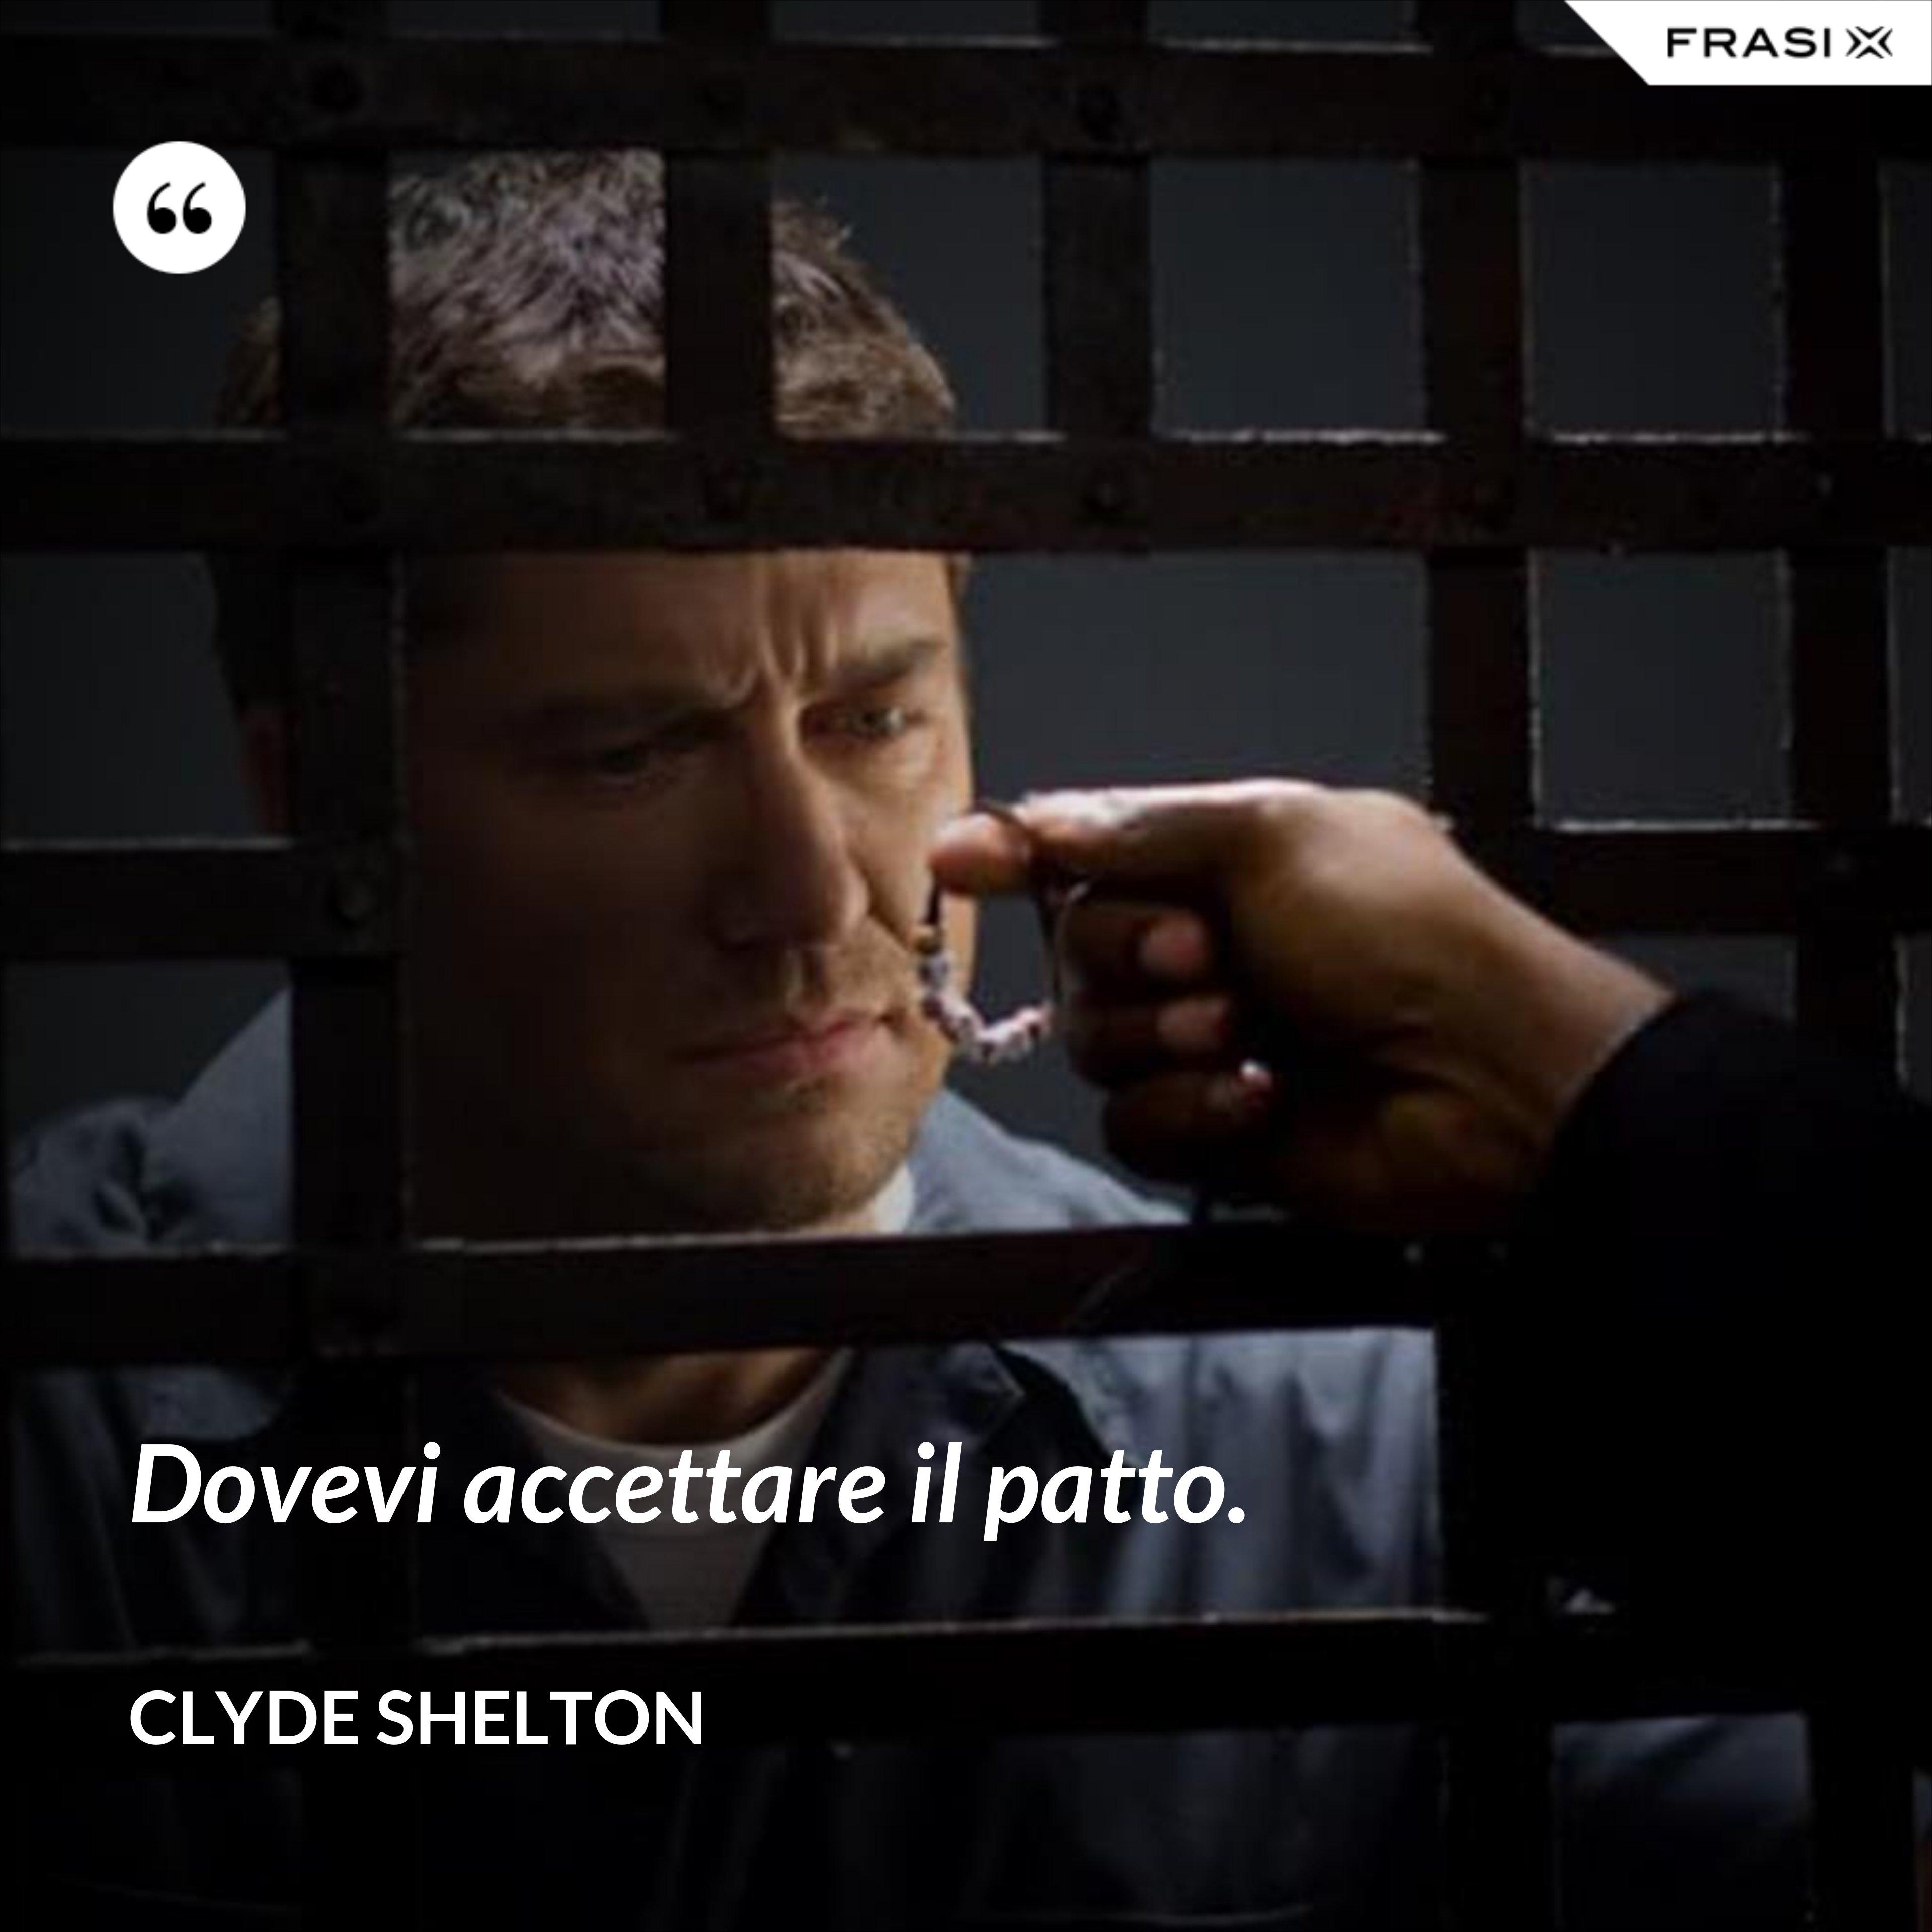 Dovevi accettare il patto. - Clyde Shelton